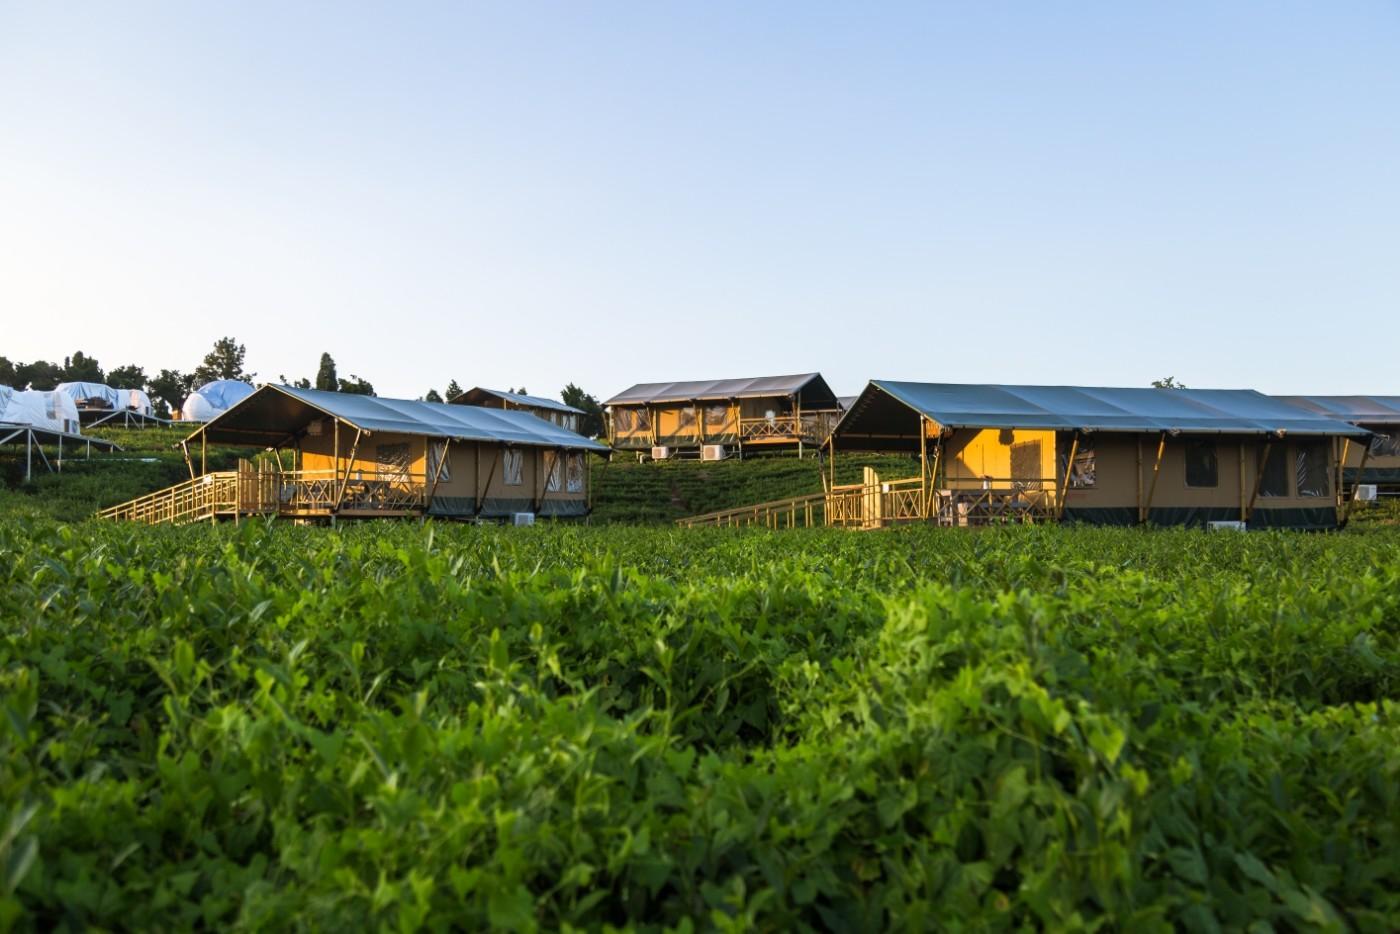 喜马拉雅野奢帐篷酒店—江苏常州茅山宝盛园茶园帐篷酒店14